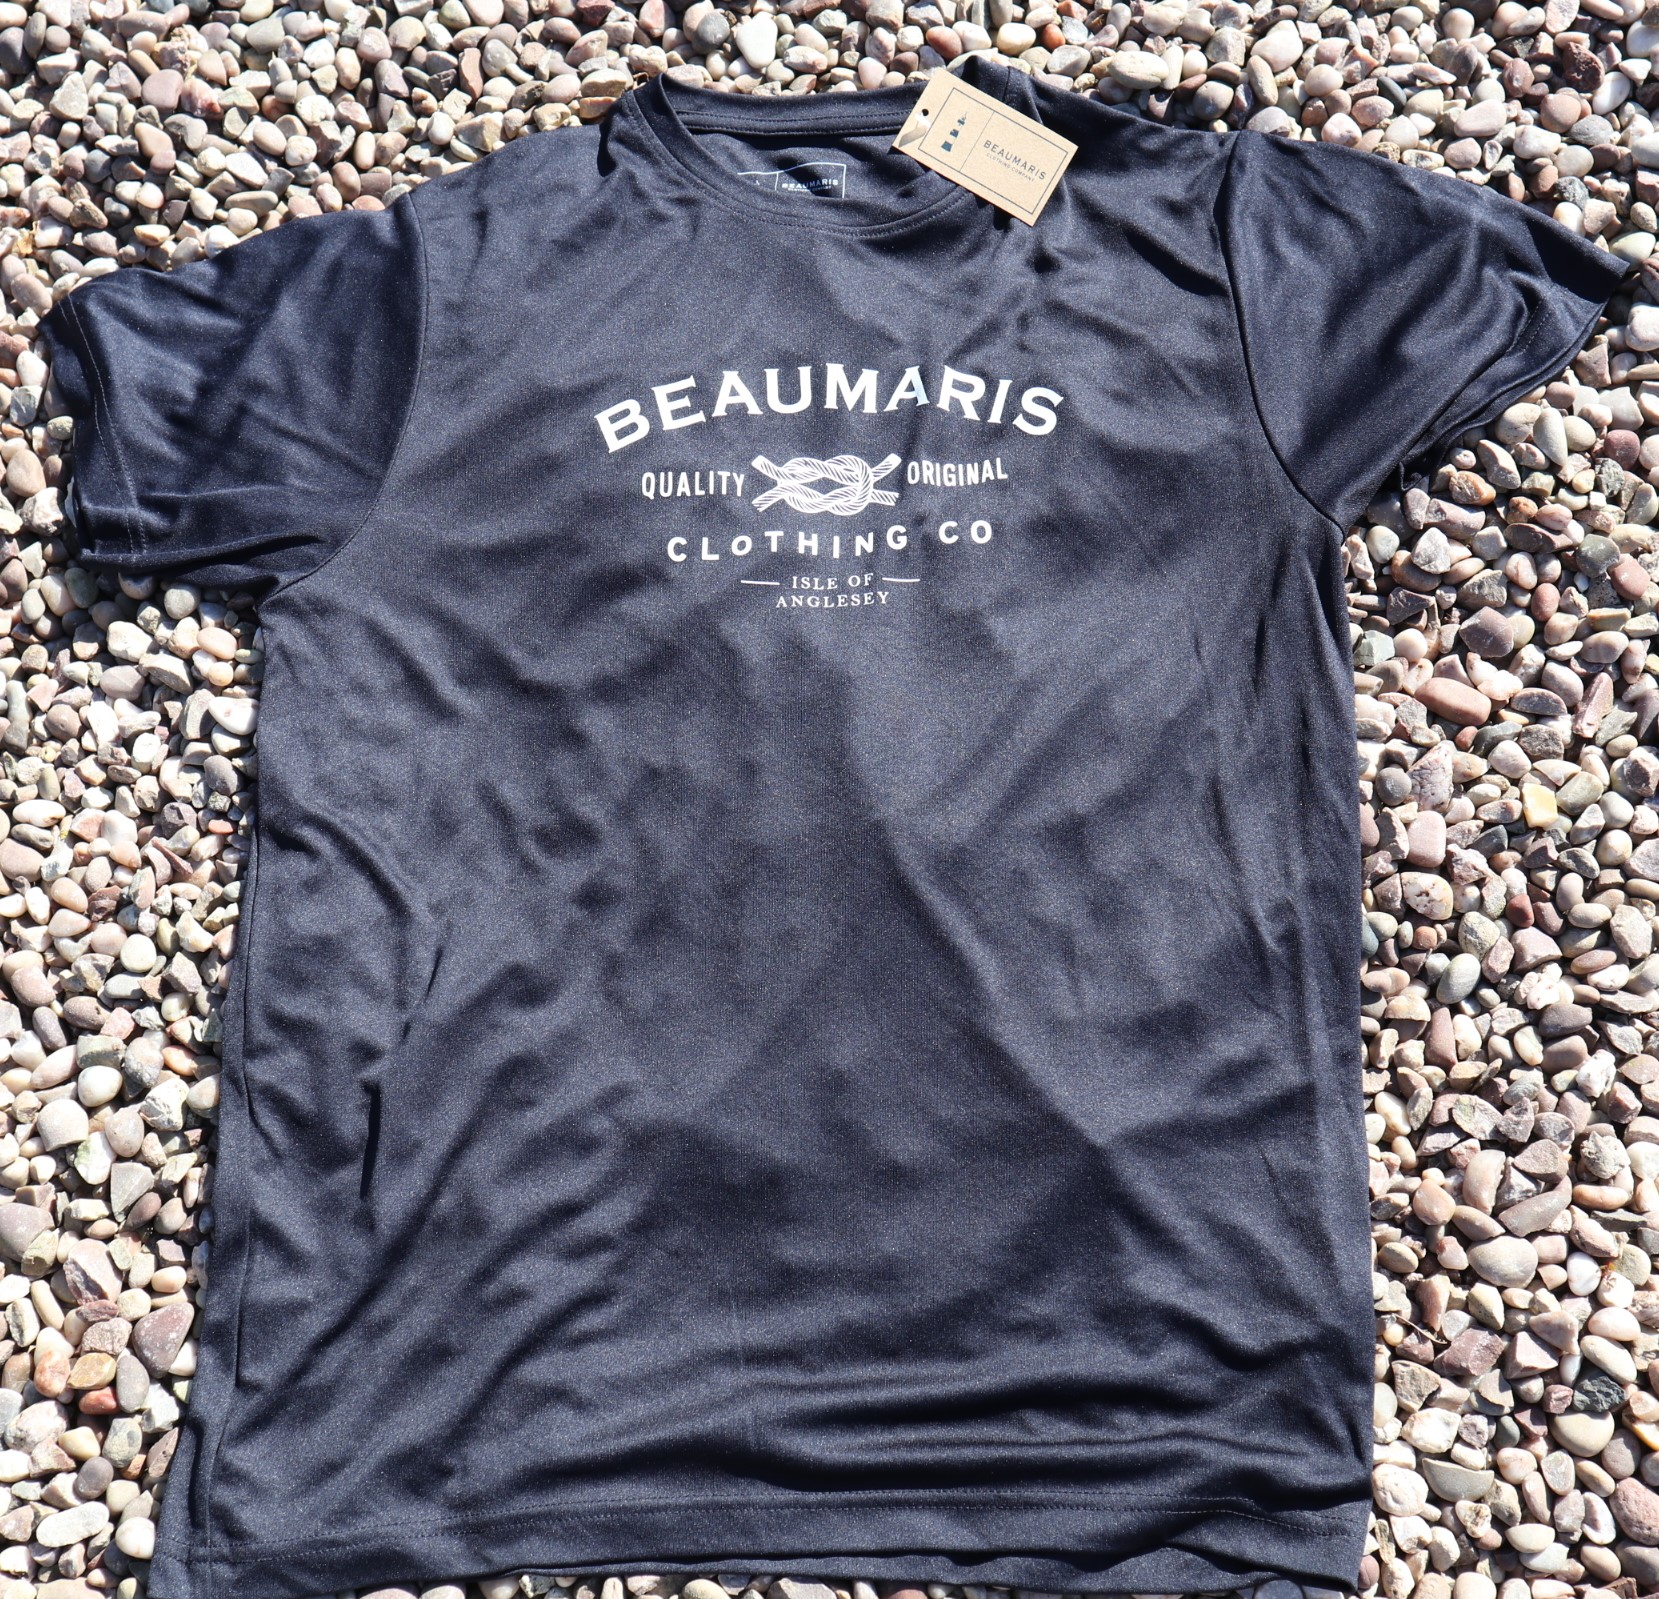 Beaumaris clothing company logo tee french navy